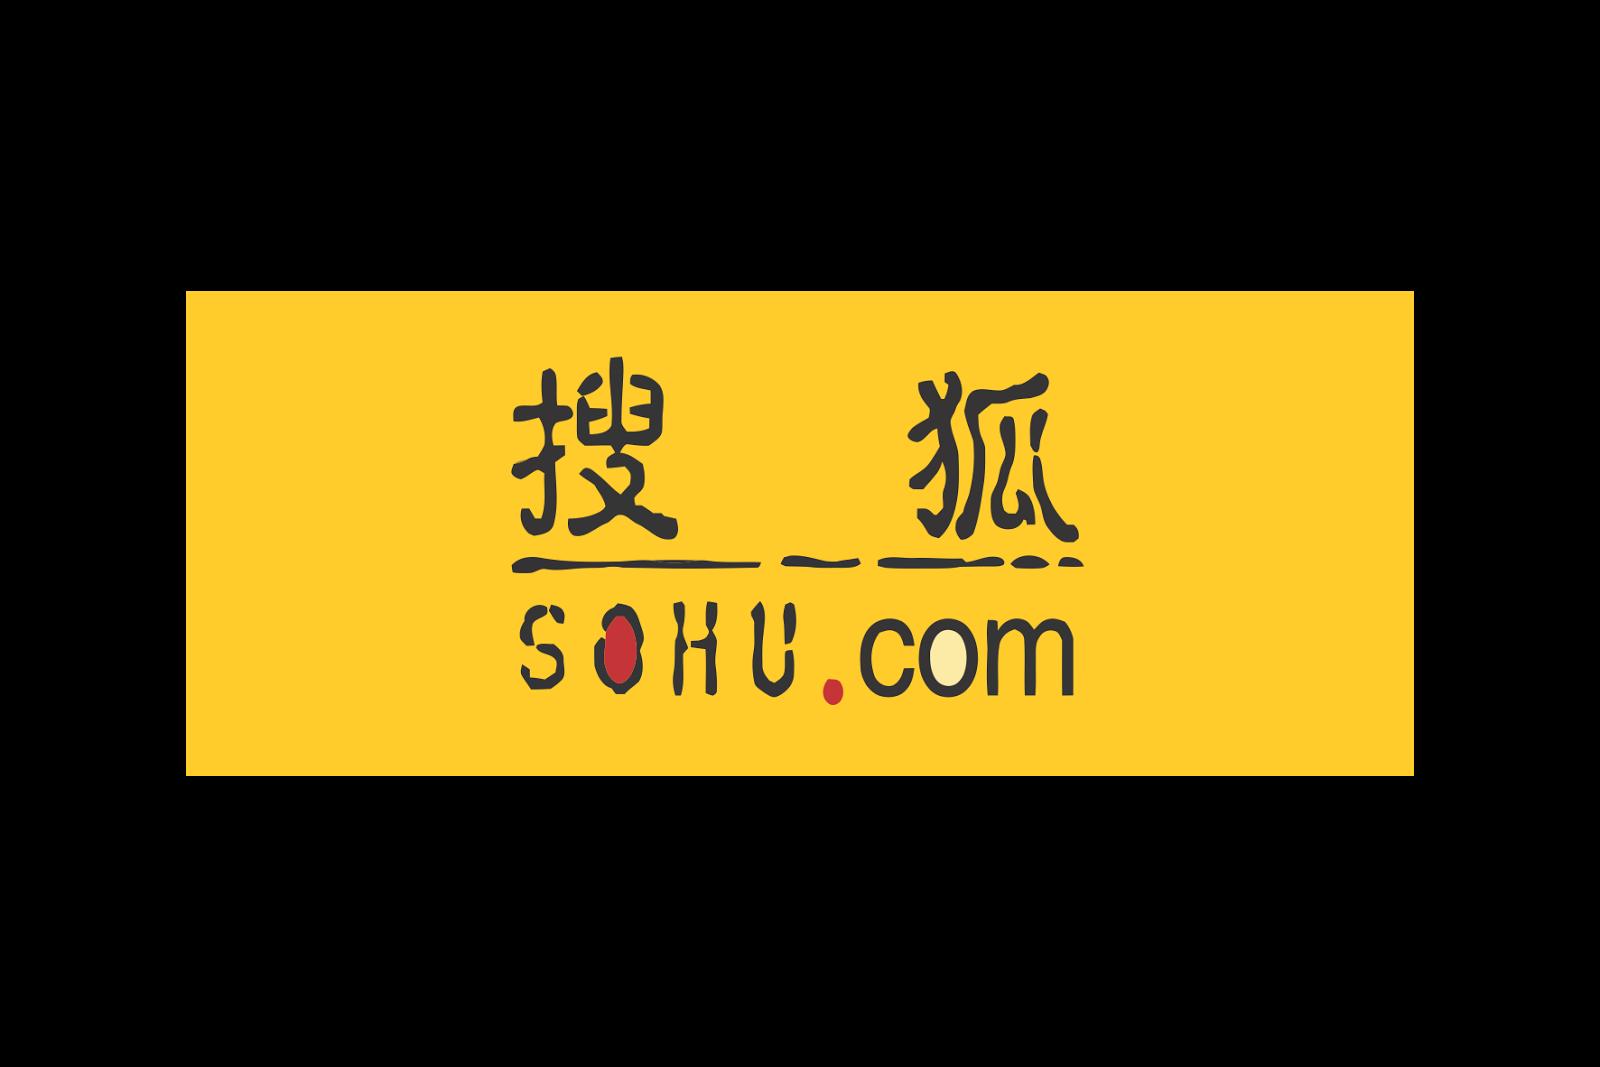 Sohu Logo PNG - 36201